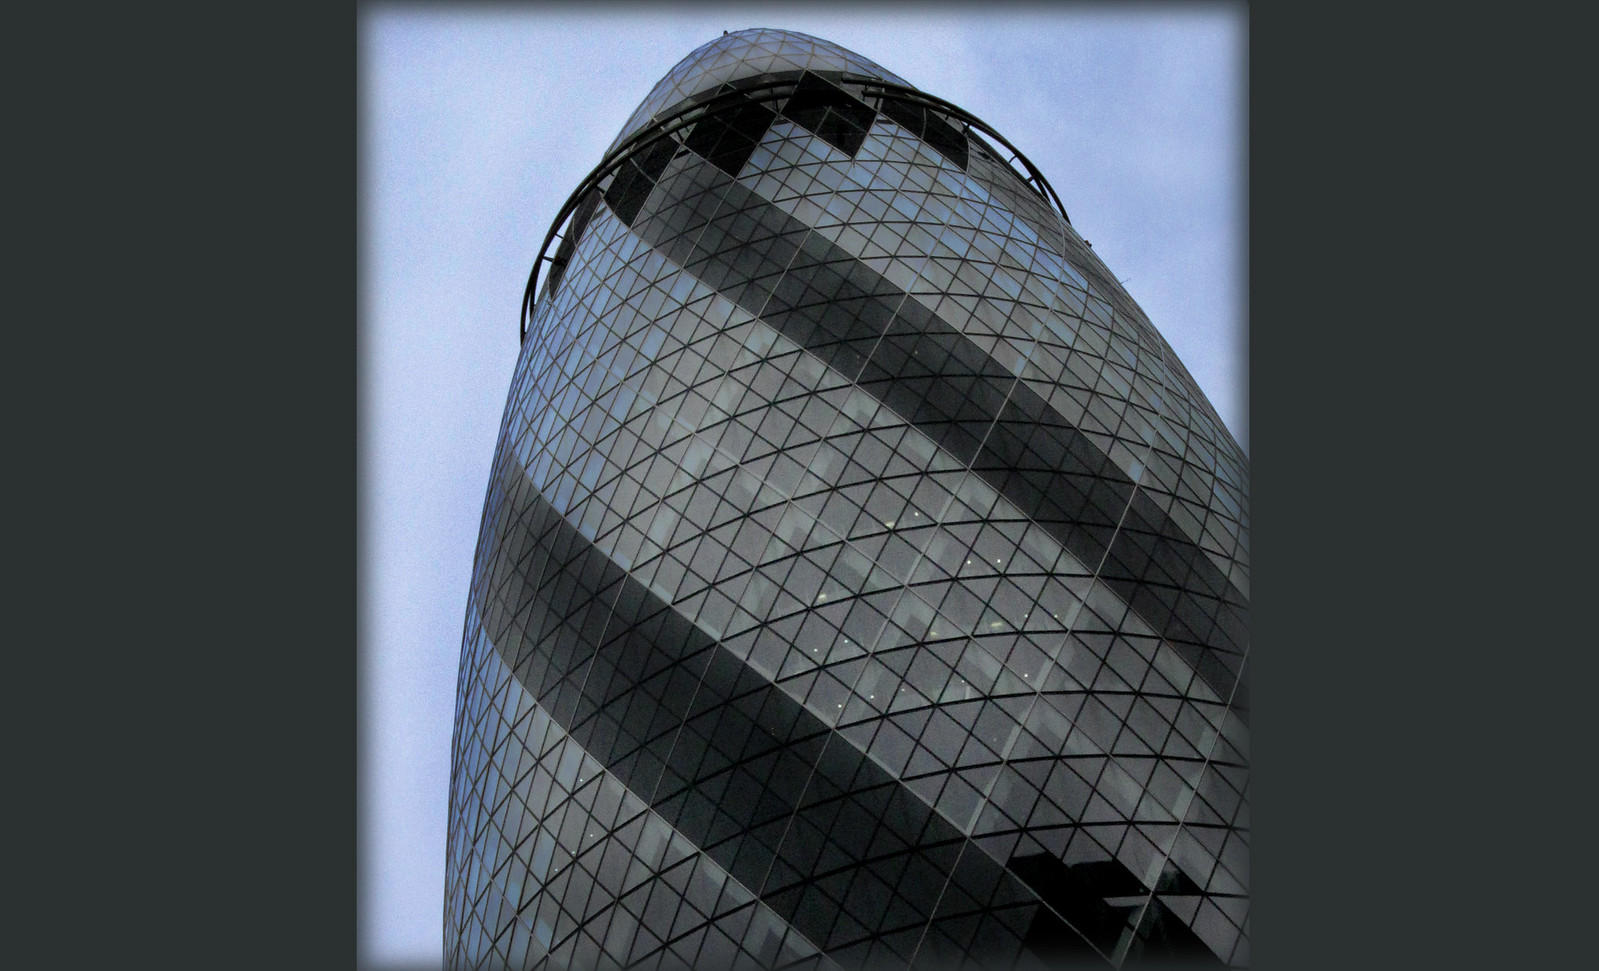 London 154